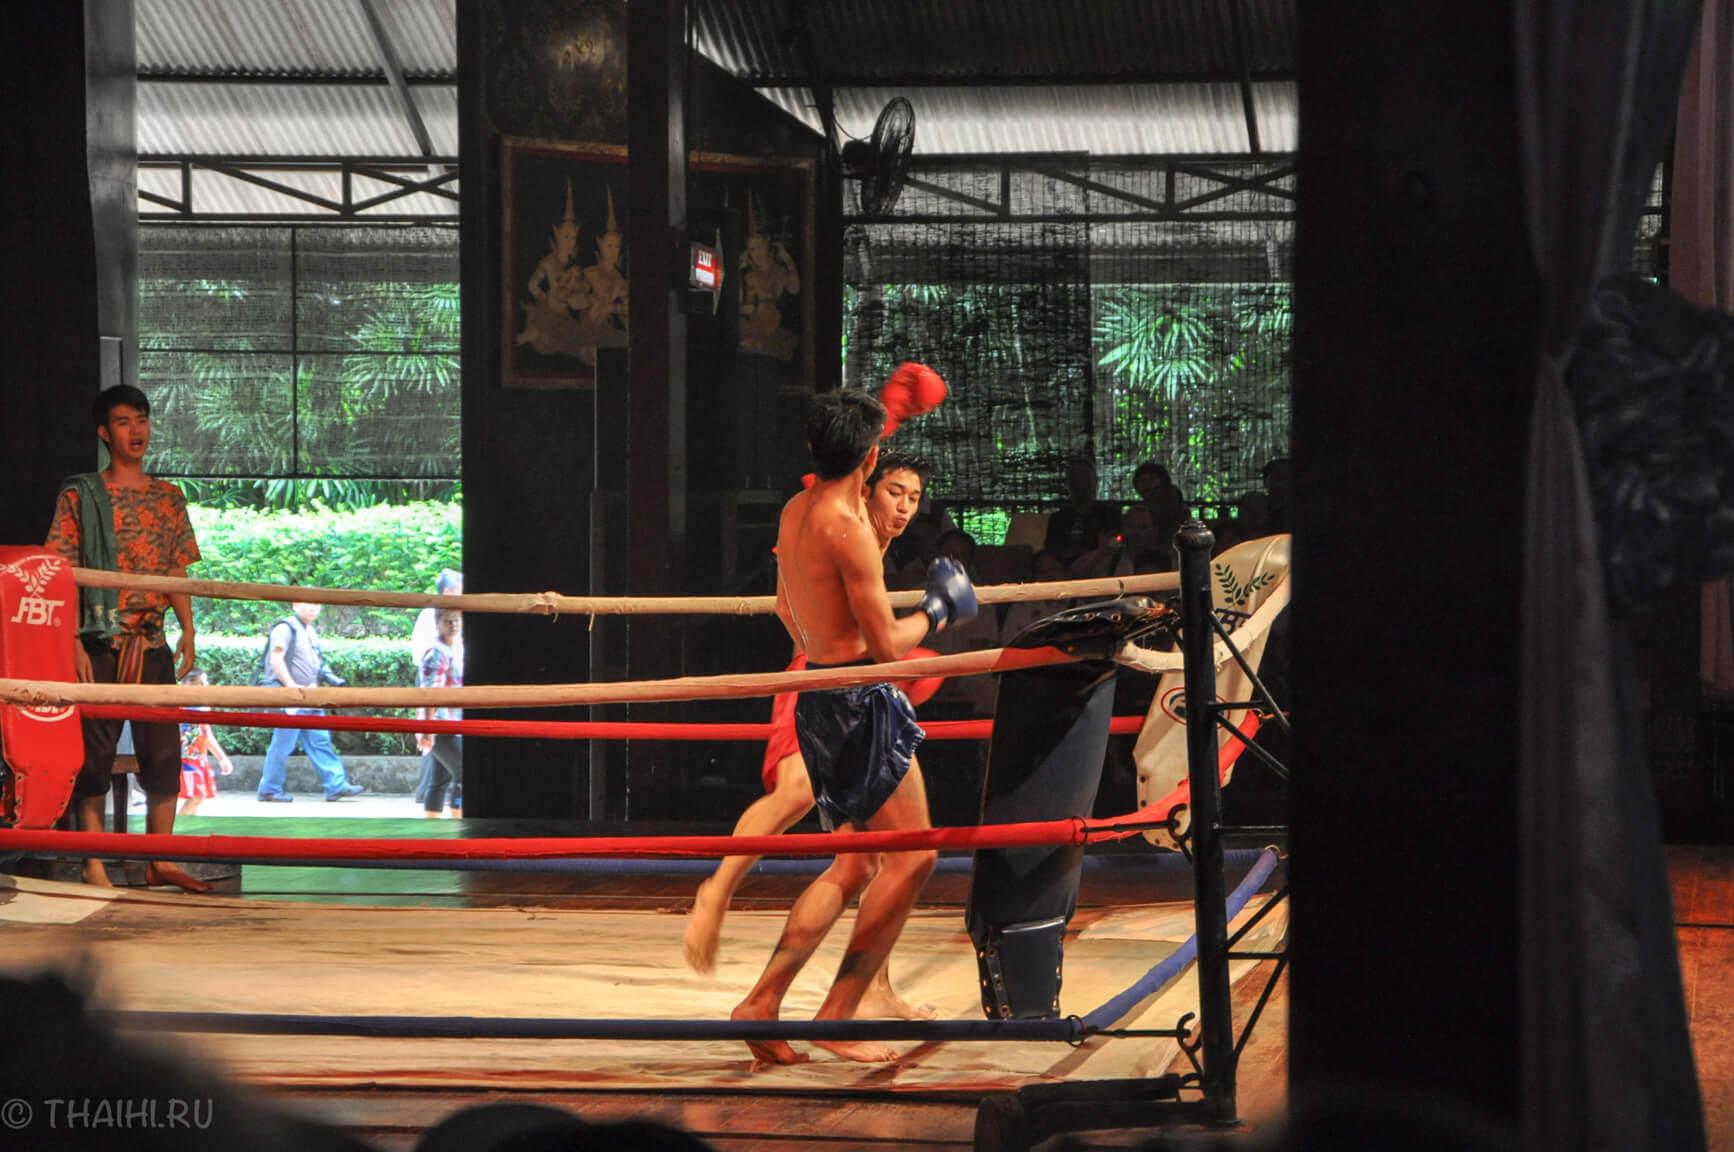 Шоу в Nong Nooch - тайский бокс